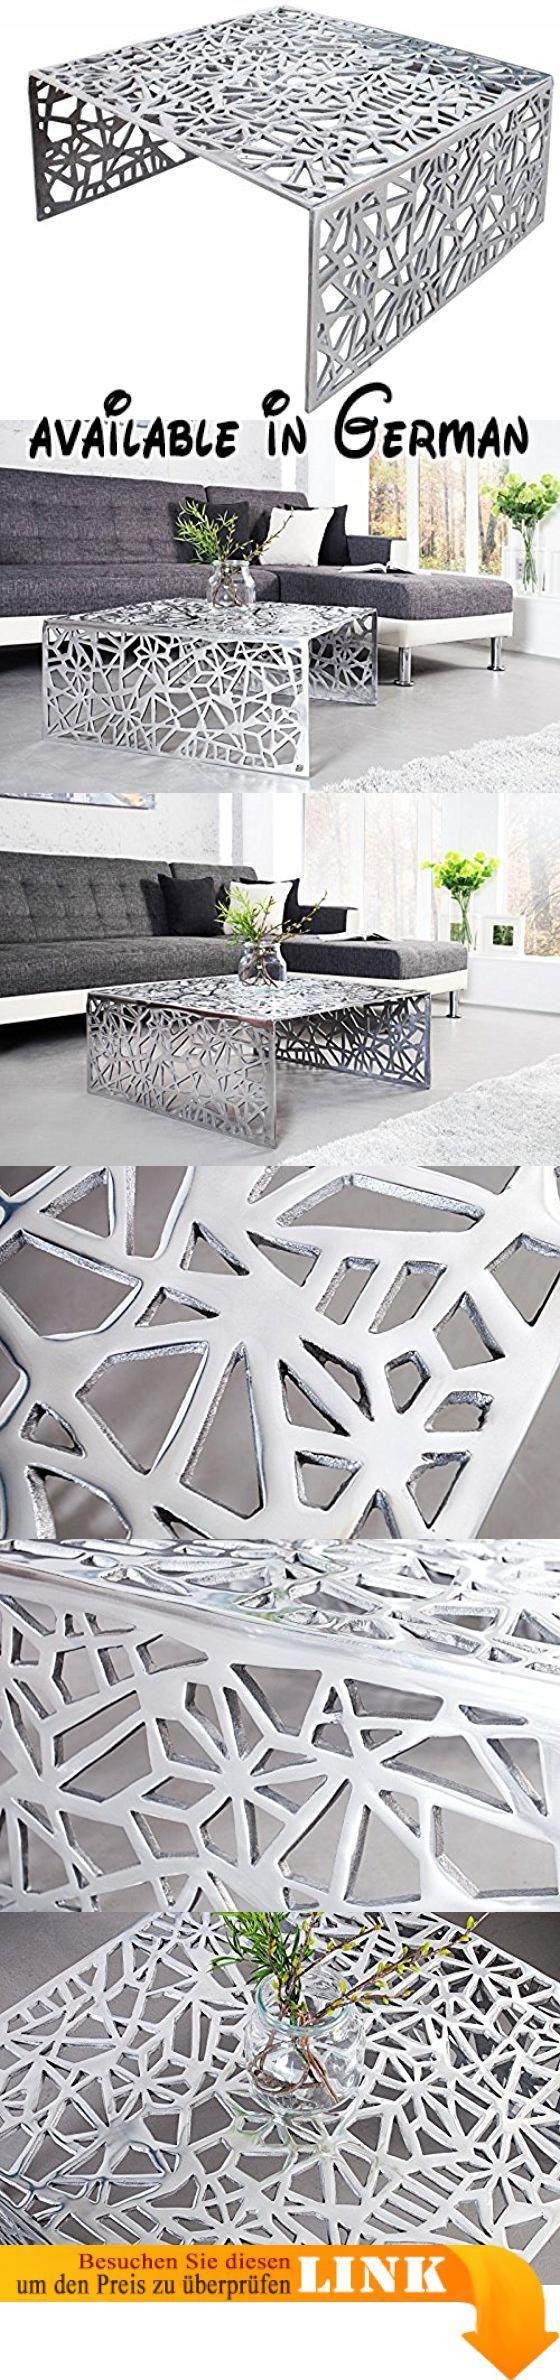 Innenarchitektur wohnzimmer grundrisse bgdgk  casa padrino art deco couchtisch silber metall  x